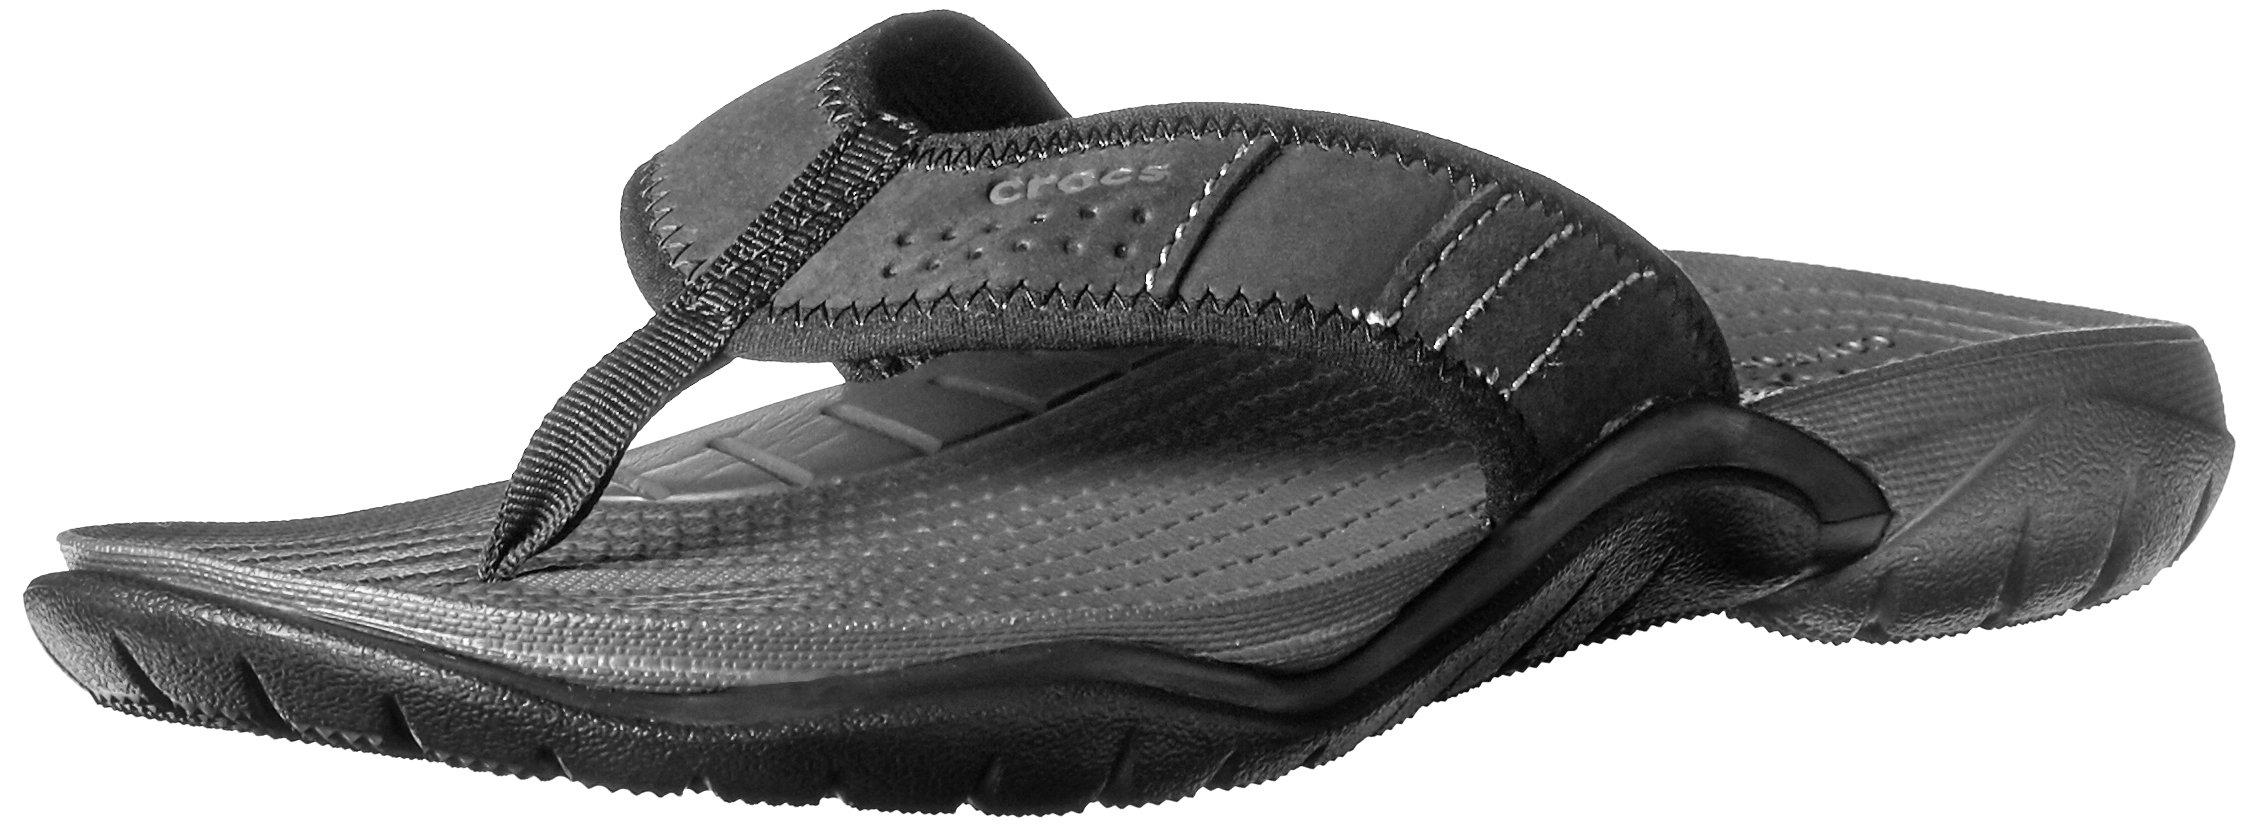 Crocs Men's Swiftwater M Flip Flop, Graphite/Black, 11 M US